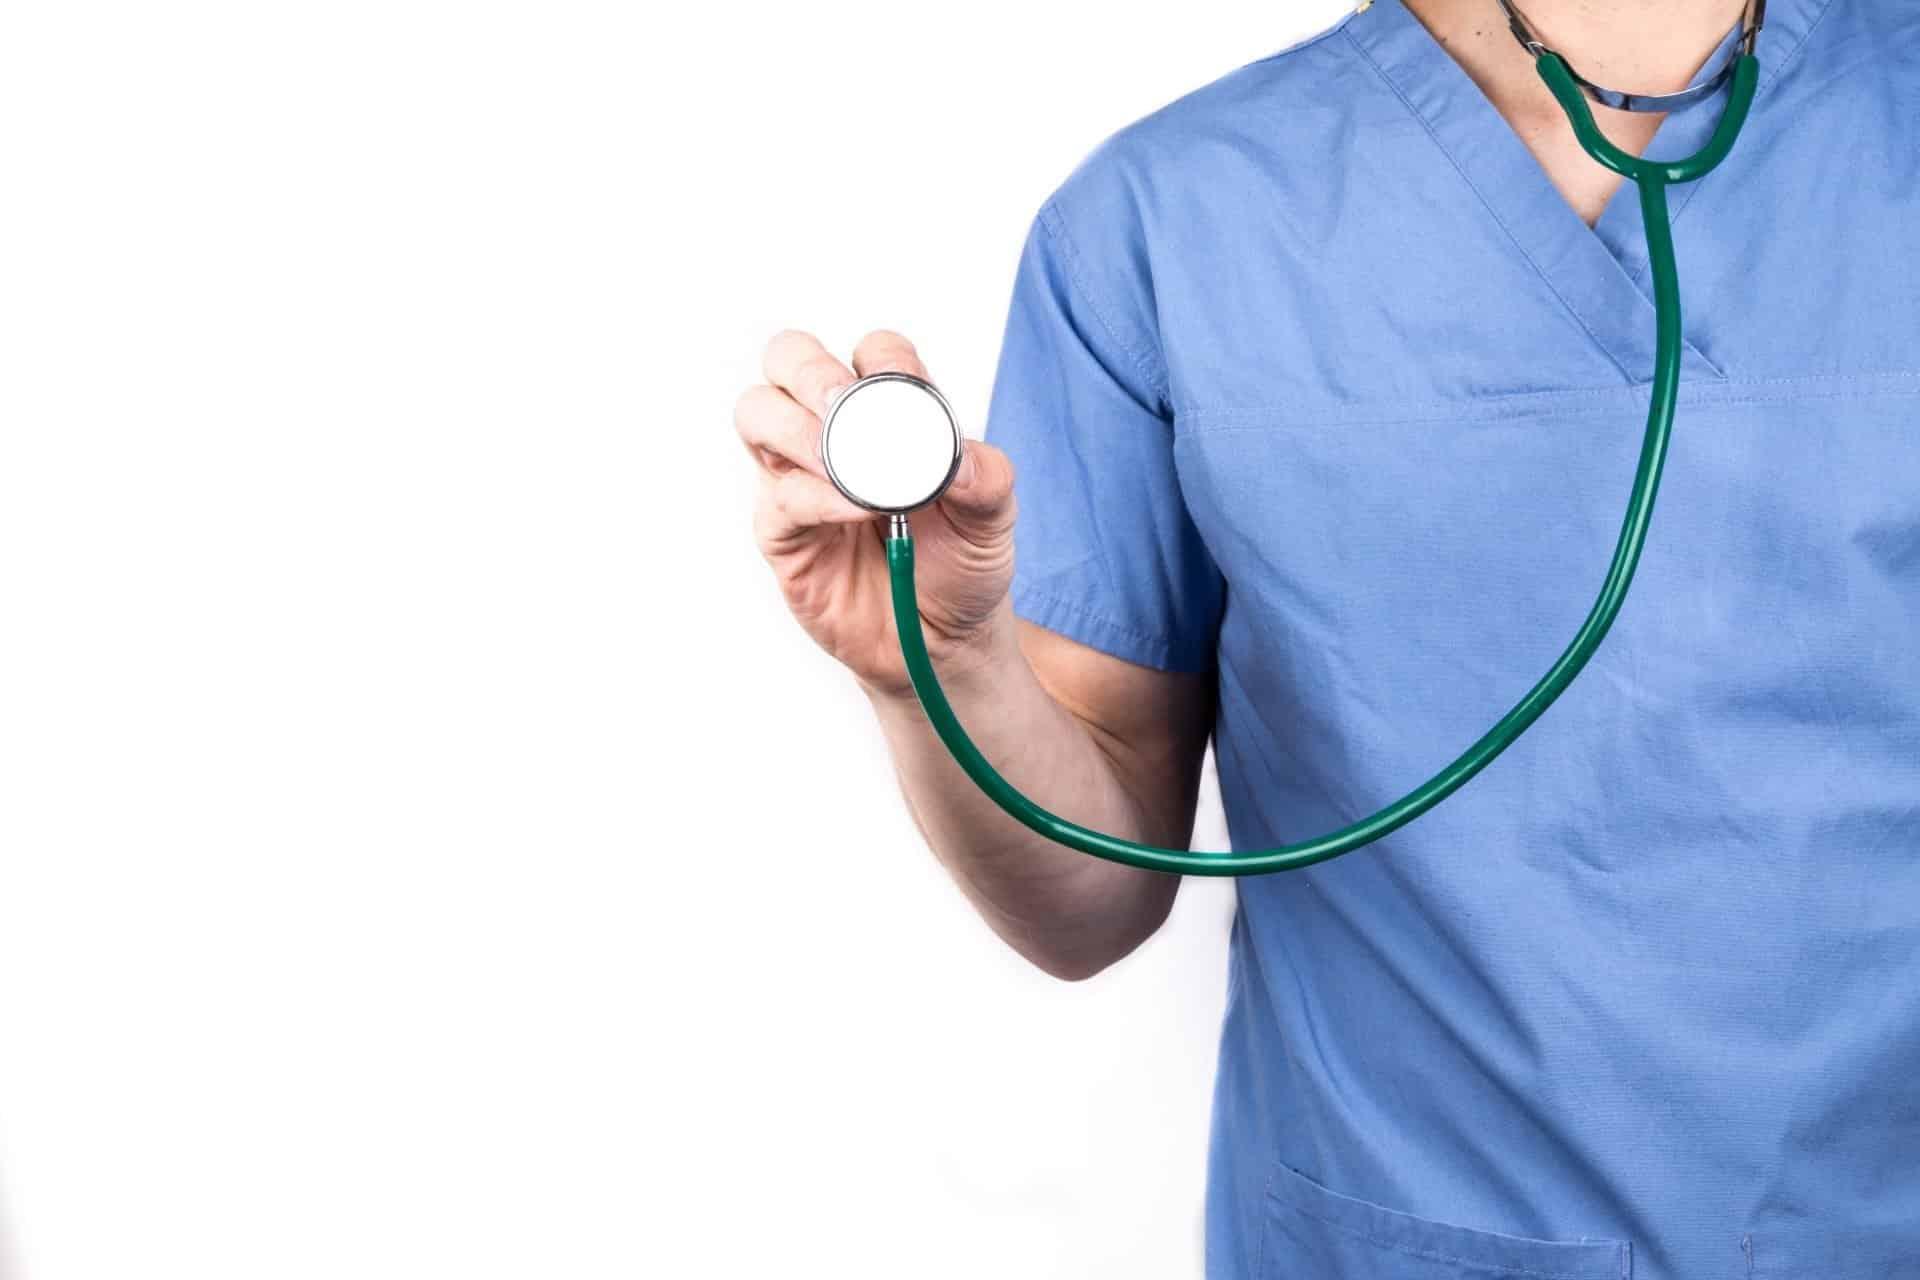 أثر التسويق الإلكتروني على المجال الطبي